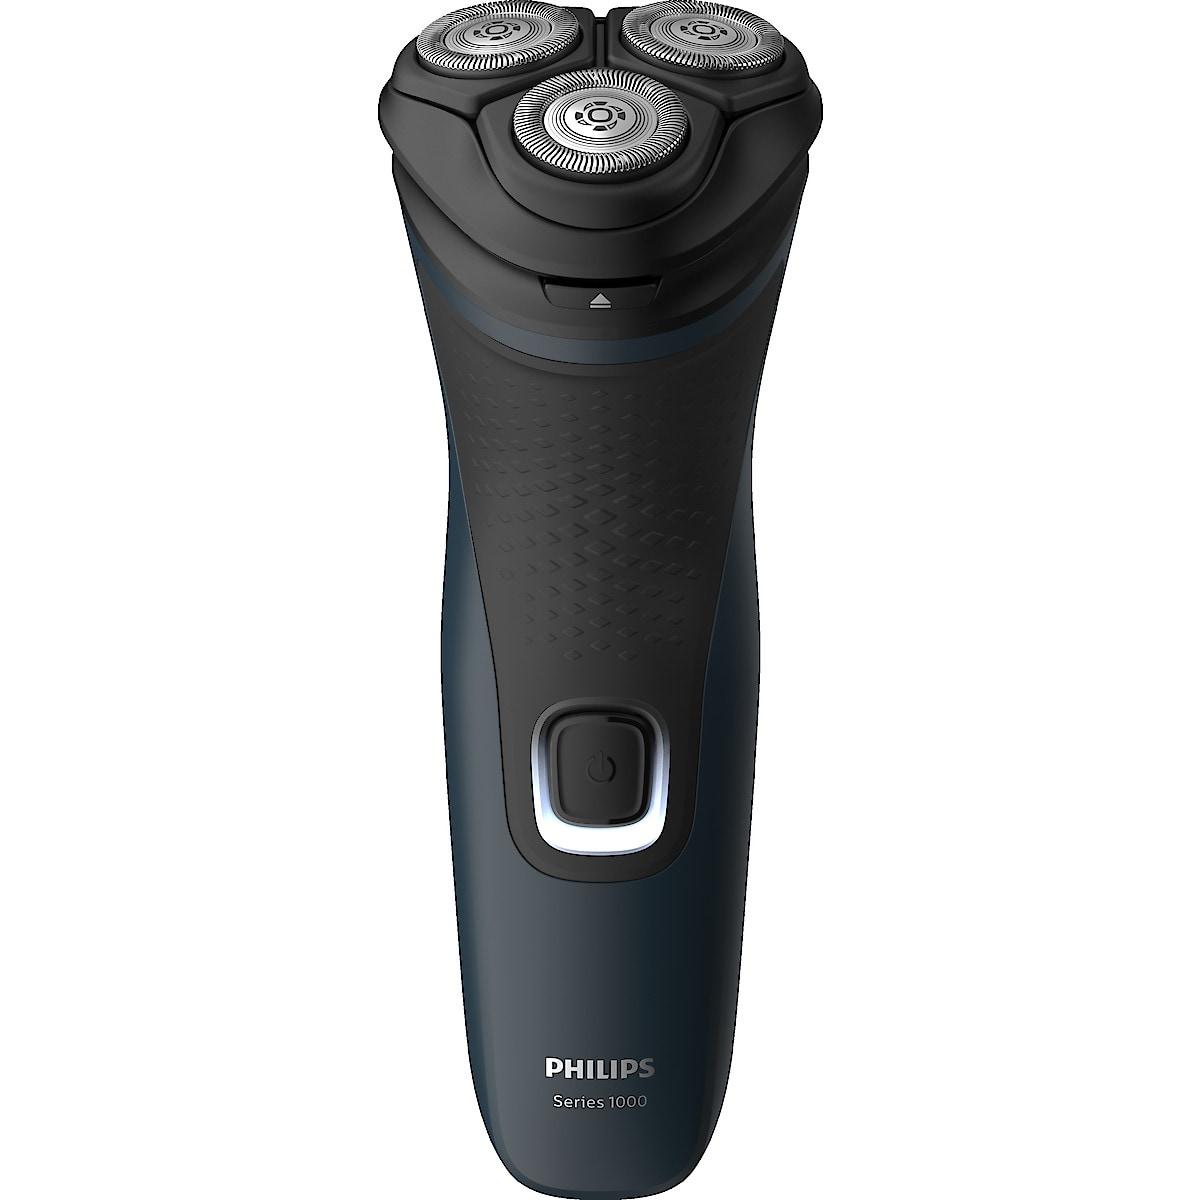 Philips S1131/41 rakapparat